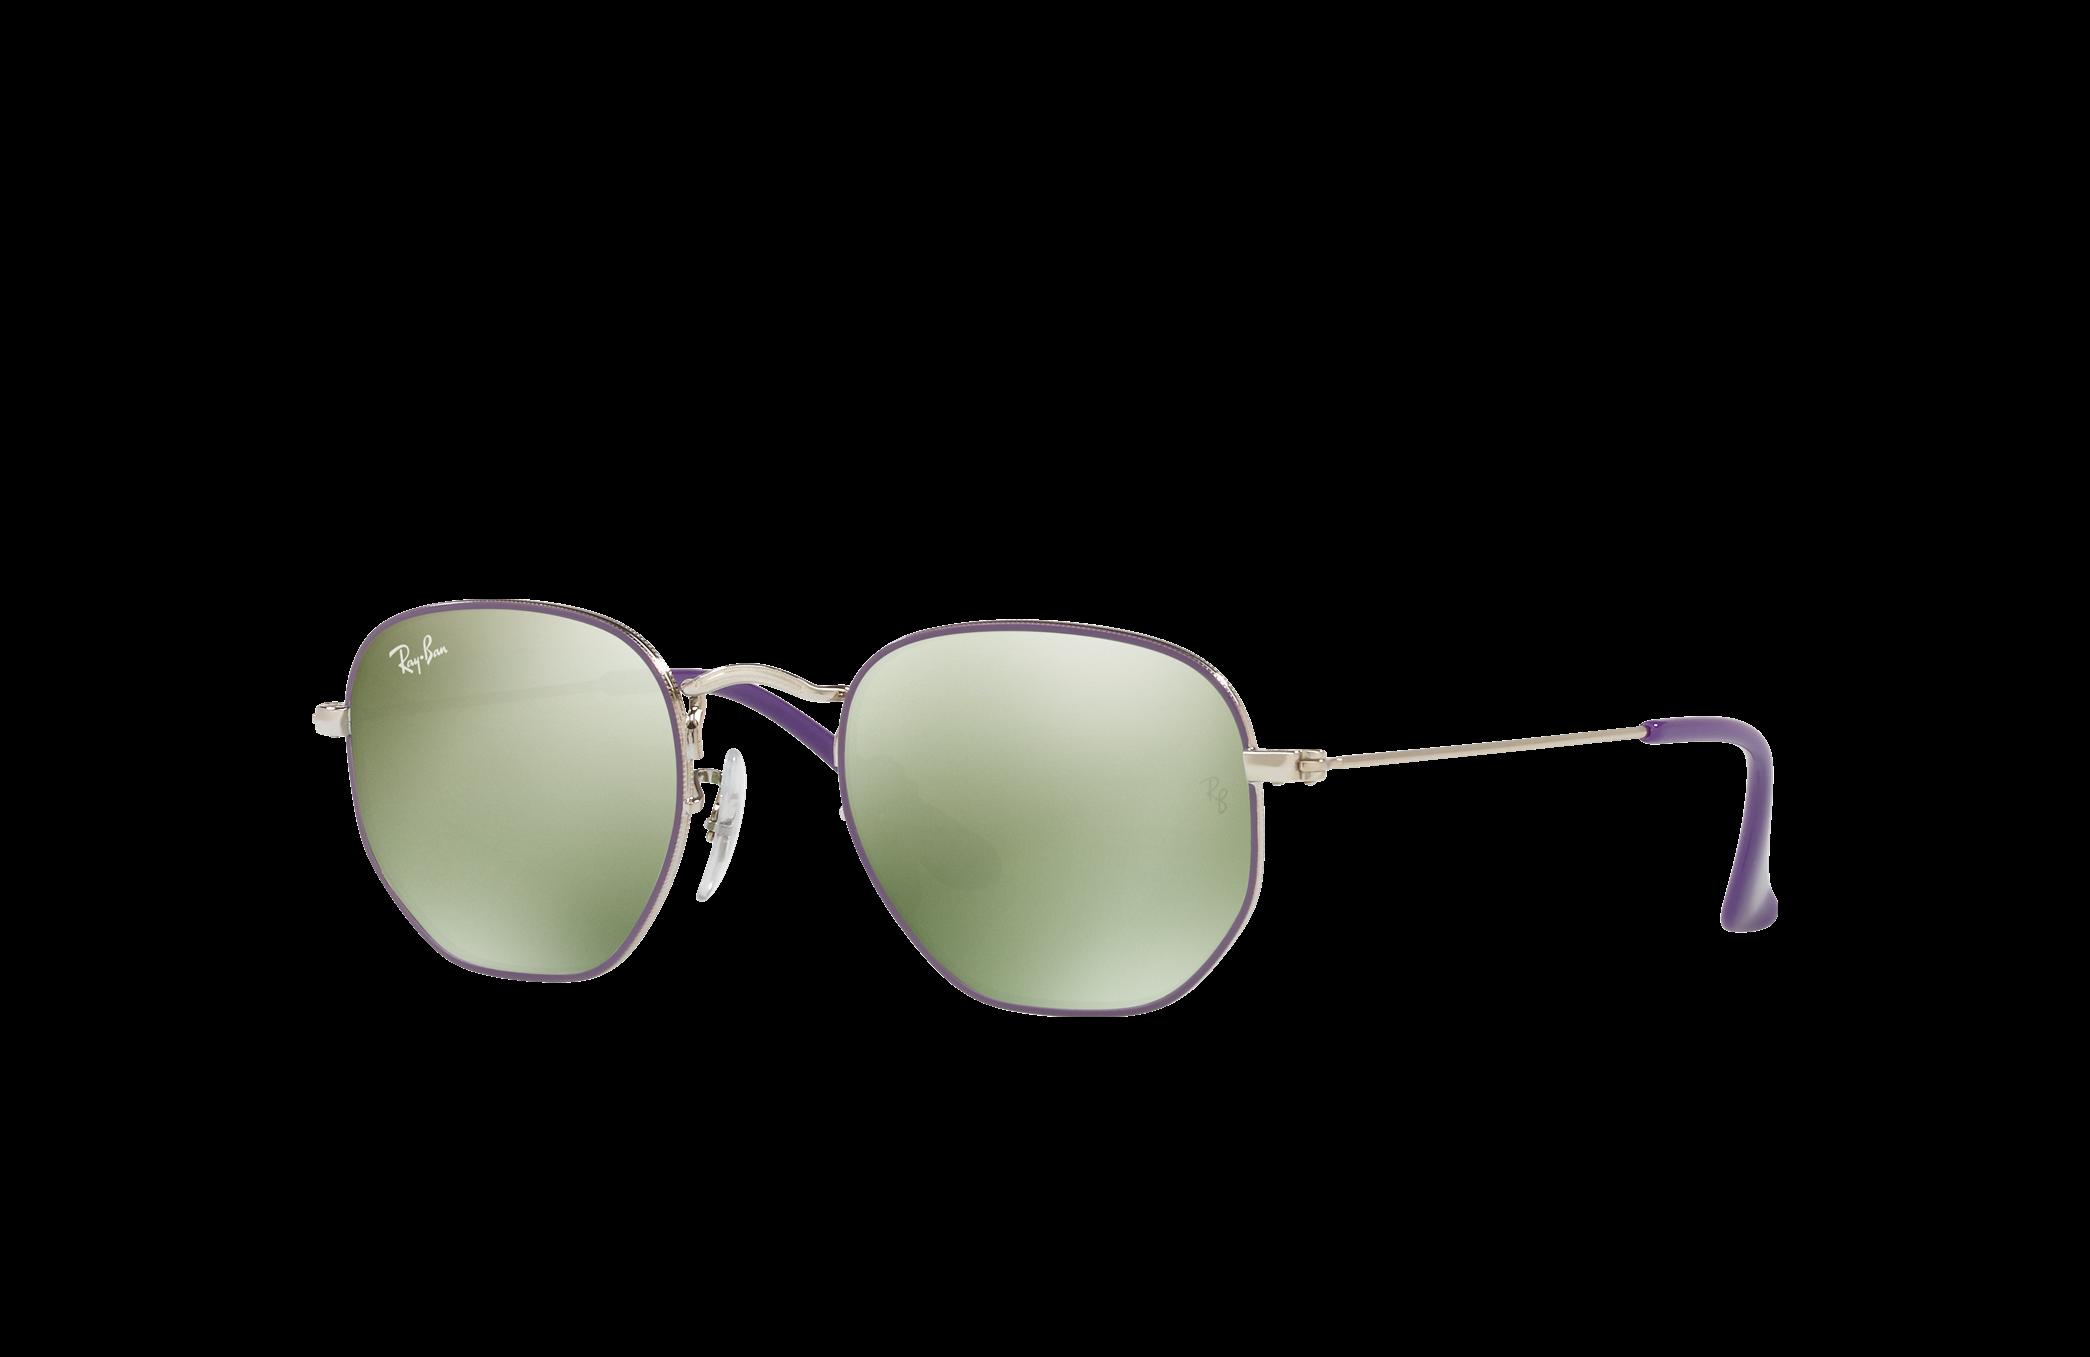 Ray-Ban Hexagonal Junior Silver, Green Lenses - RJ9541SN